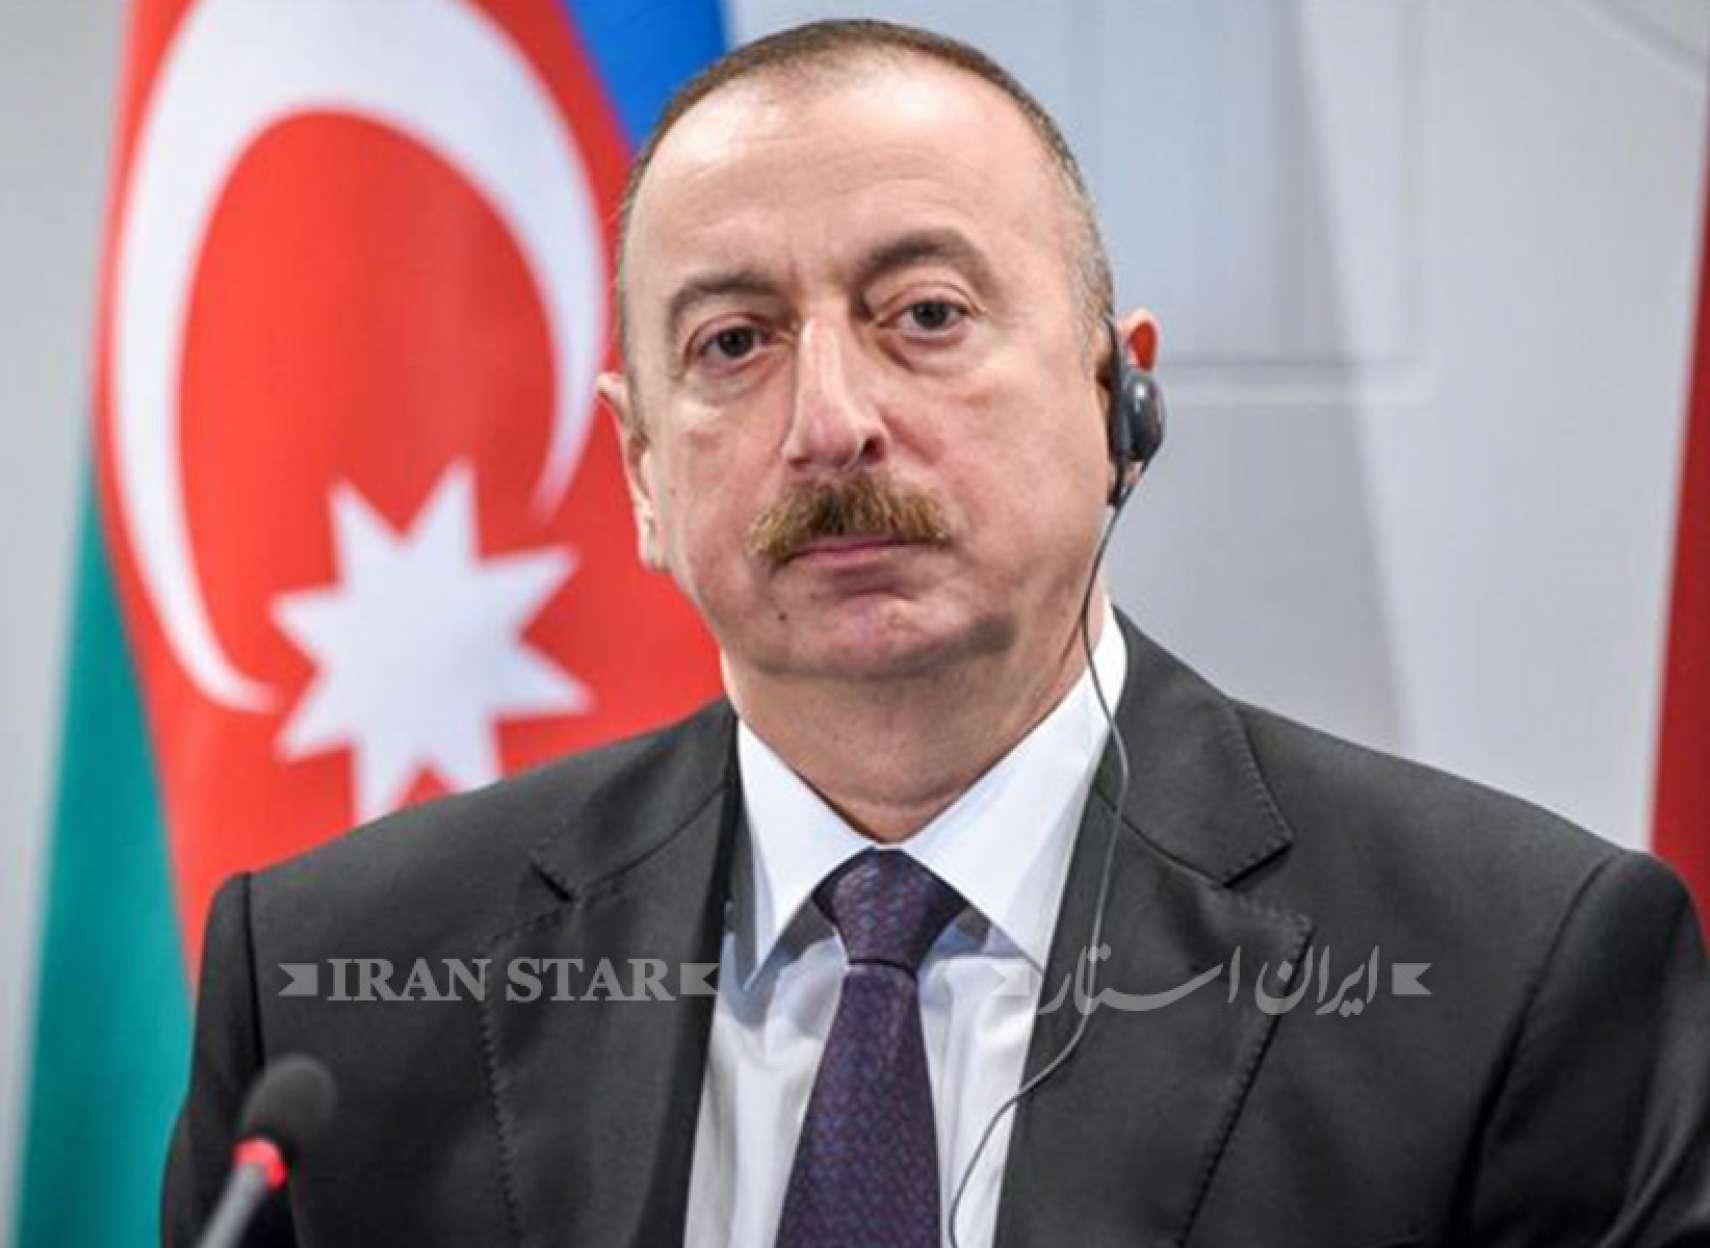 azerbijan-money-to-eu